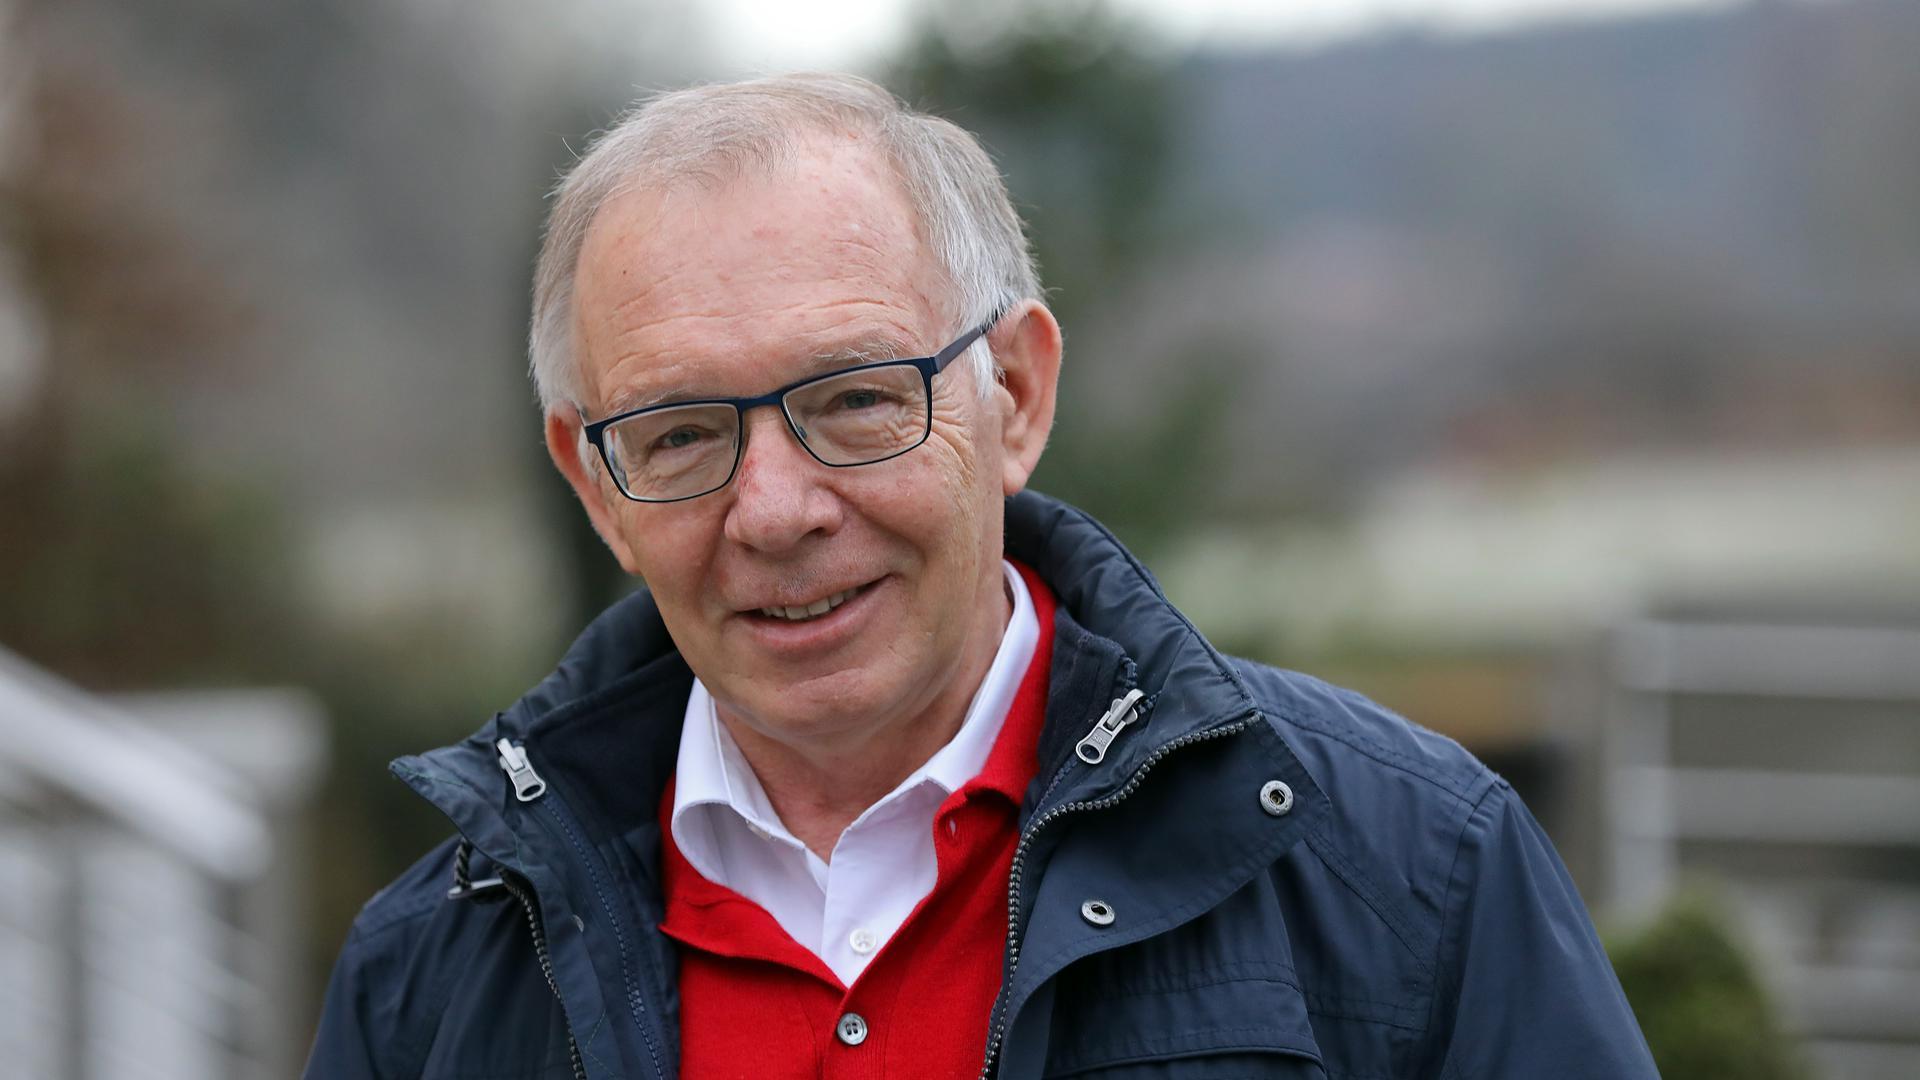 Norbert Henze im Porträt